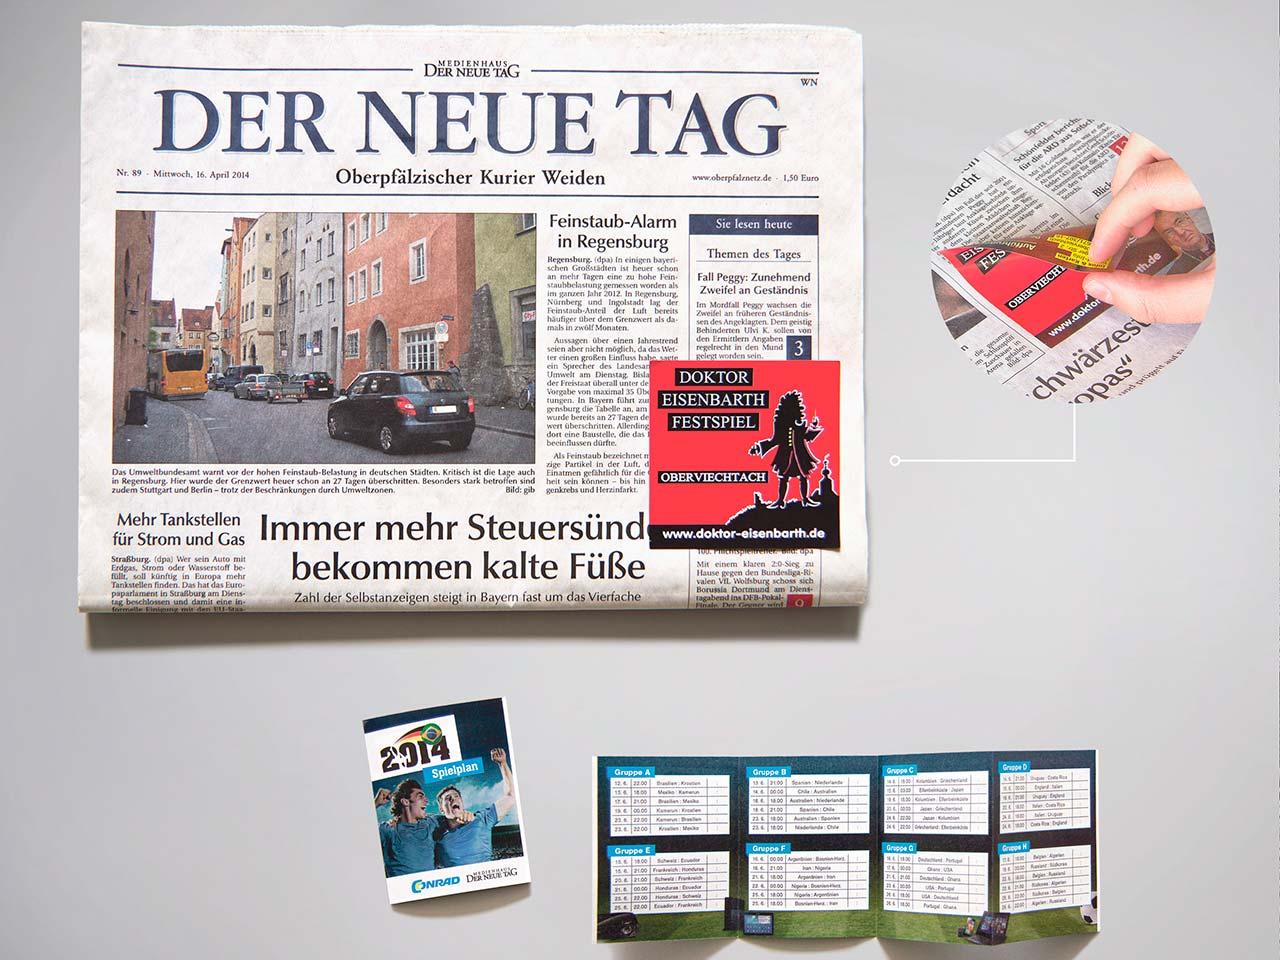 """Ansicht der Zeitung """"Der neue Tag"""" aus dem Druck von Oberpfalz Medien mit rotem Memo-Stick."""